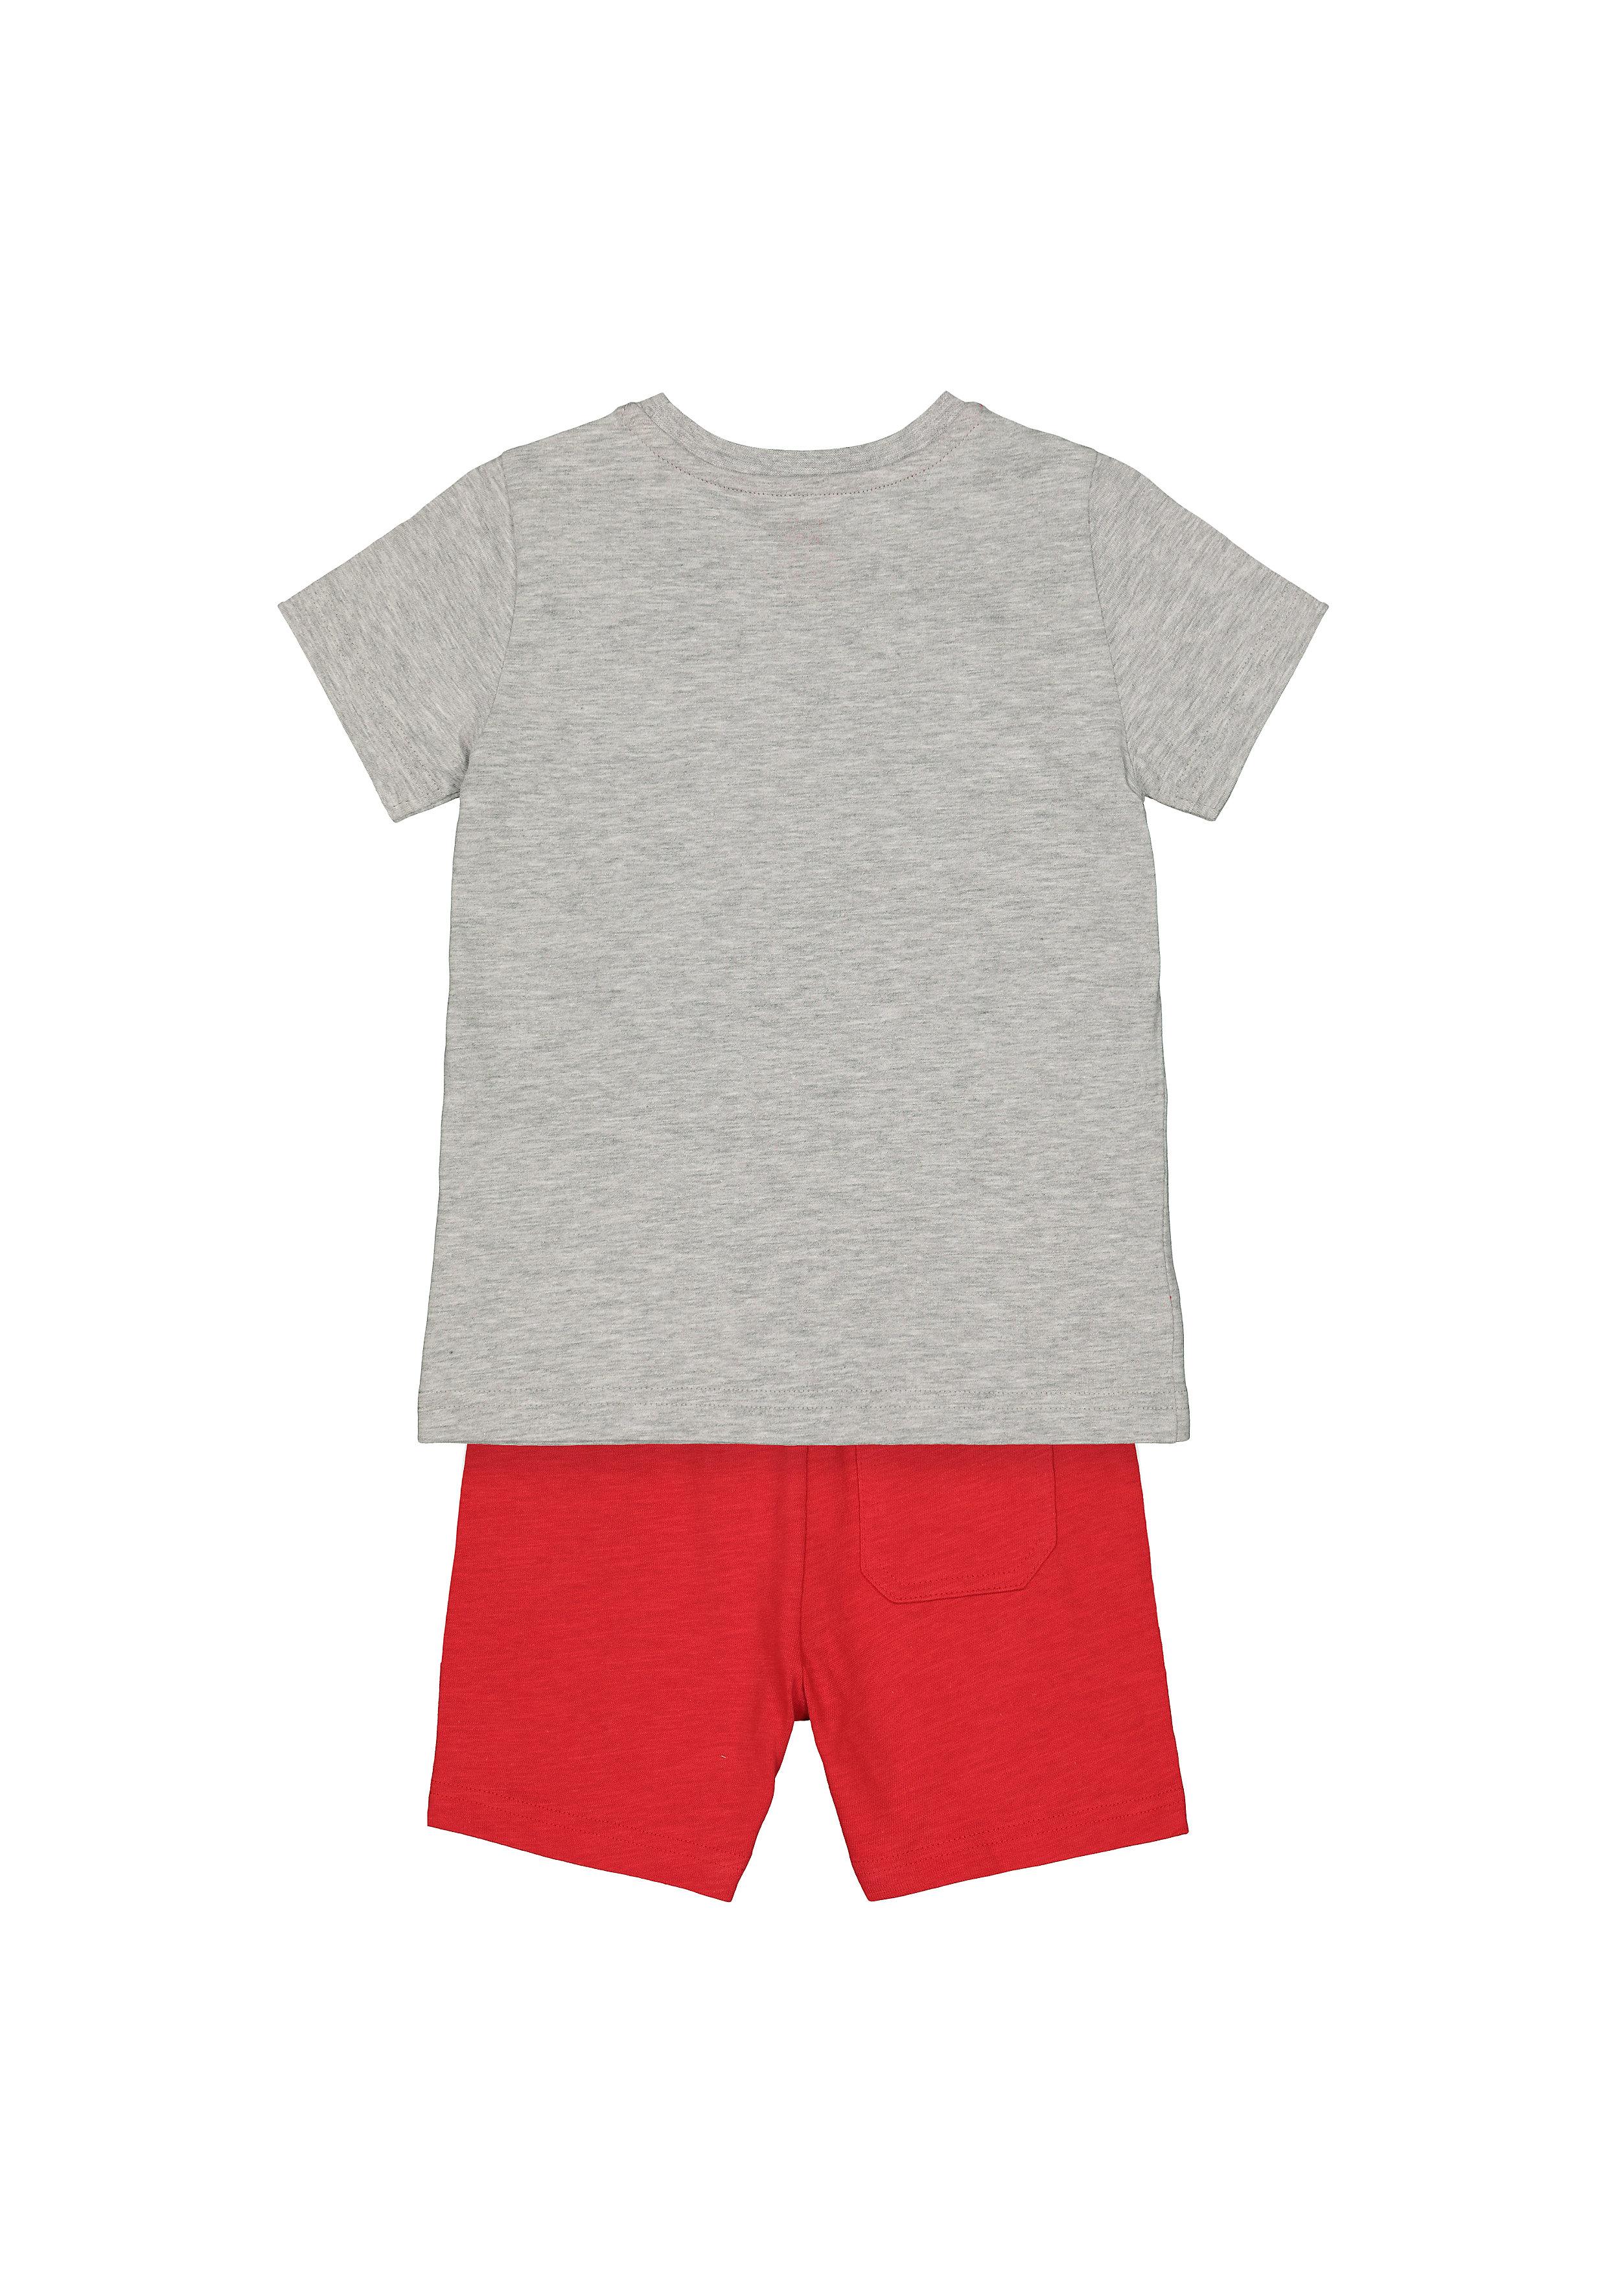 Mothercare | Vehicle Shorts and T-Shirt Set